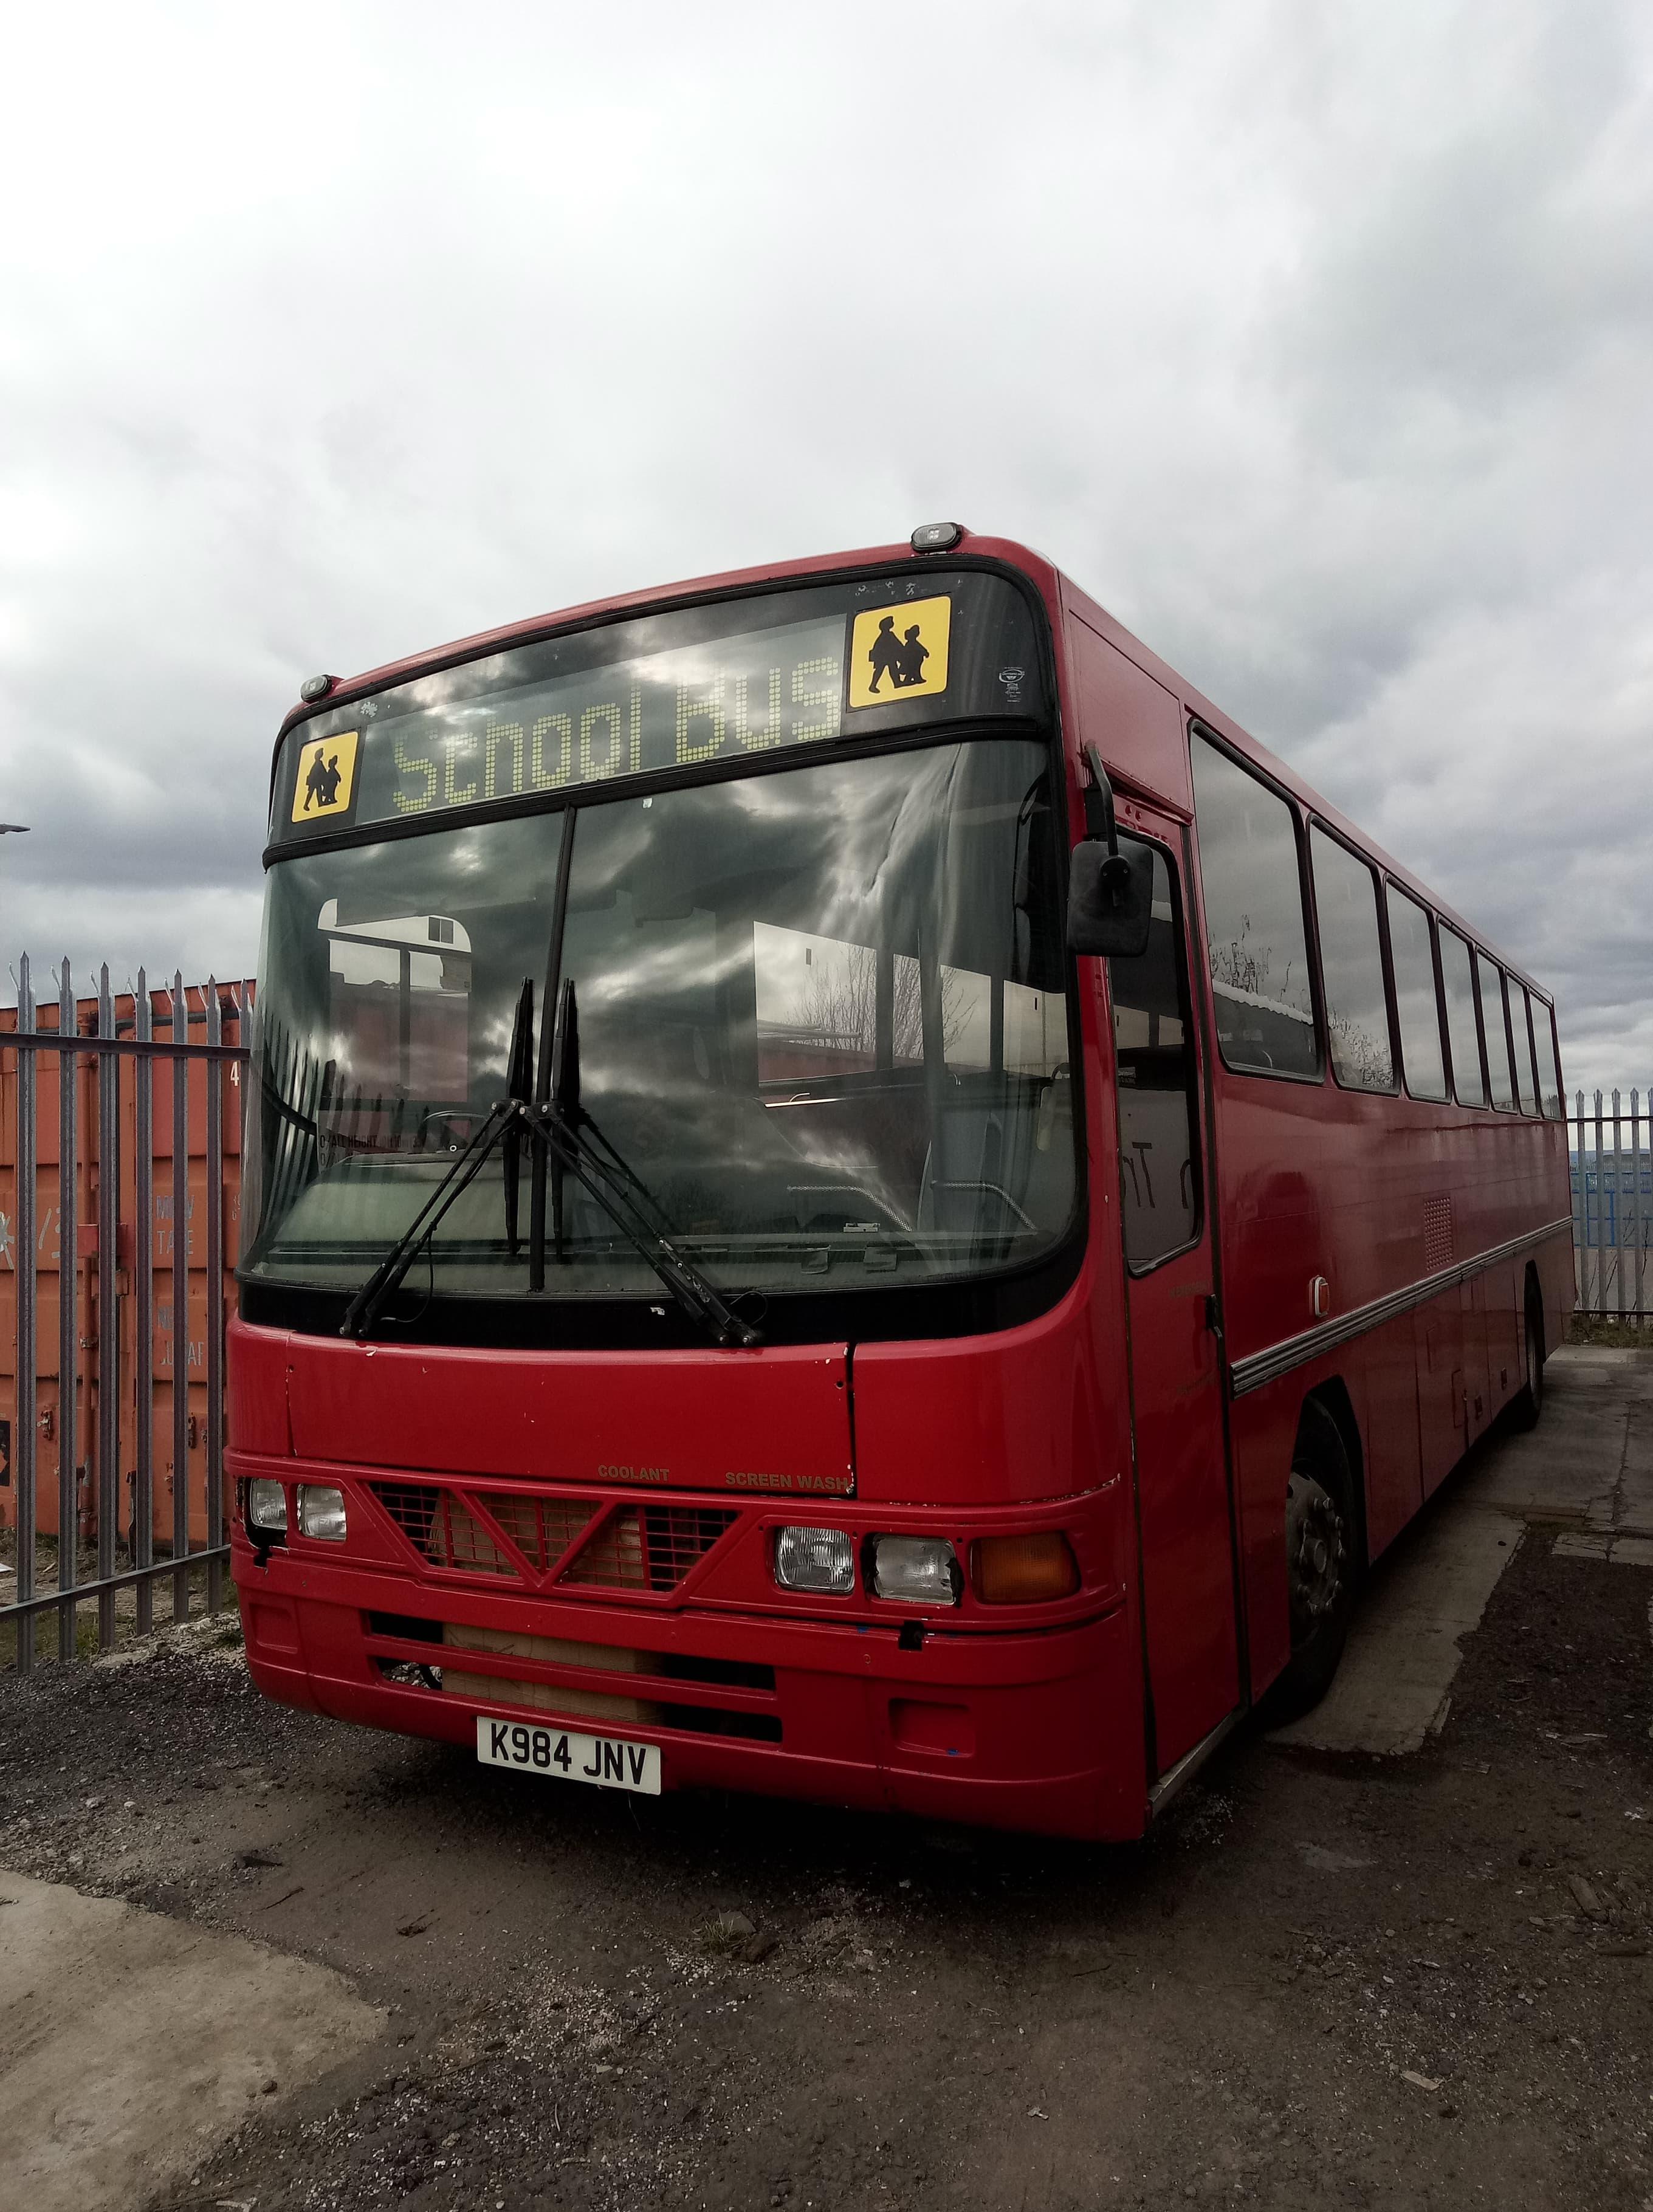 Leyland Tiger School Bus Registration K984 JNV, Date of Registration October 1992, Vehicle